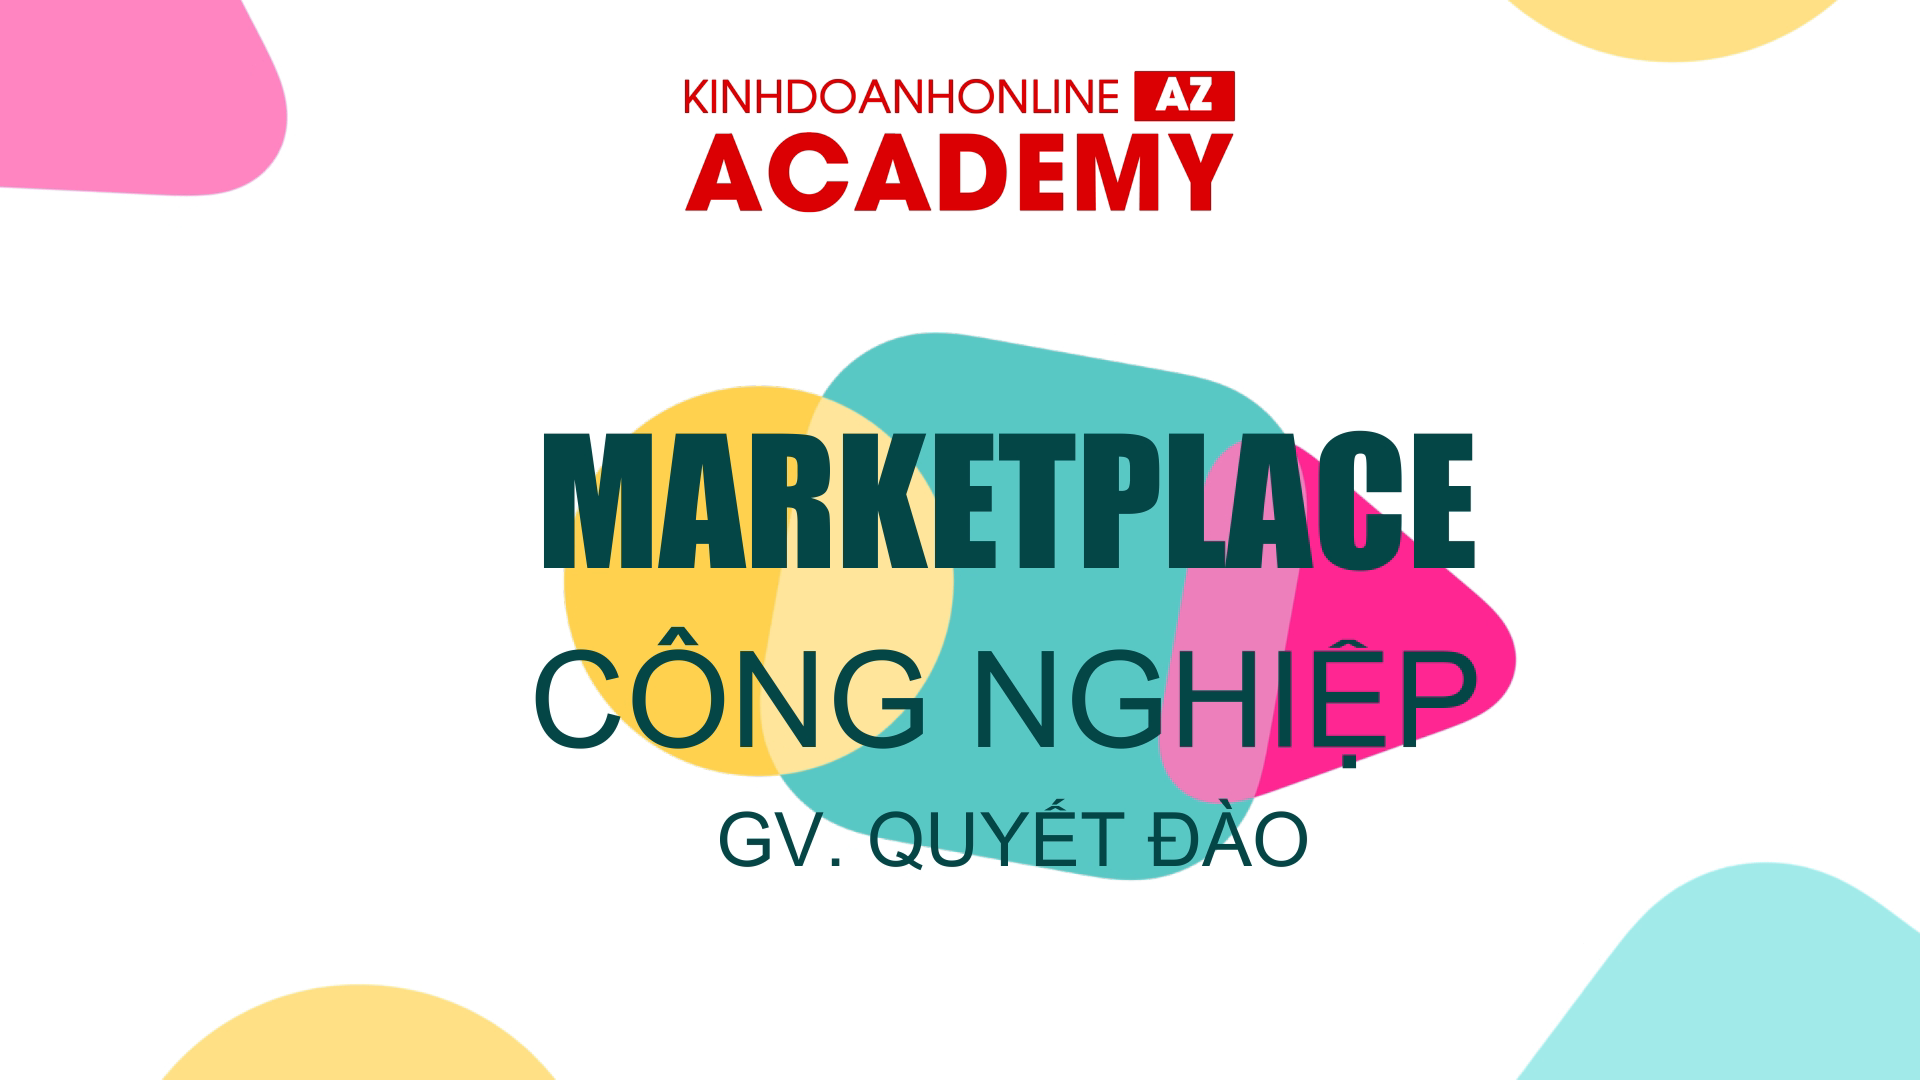 khoa-hoc-marketplace-cong-nghiep